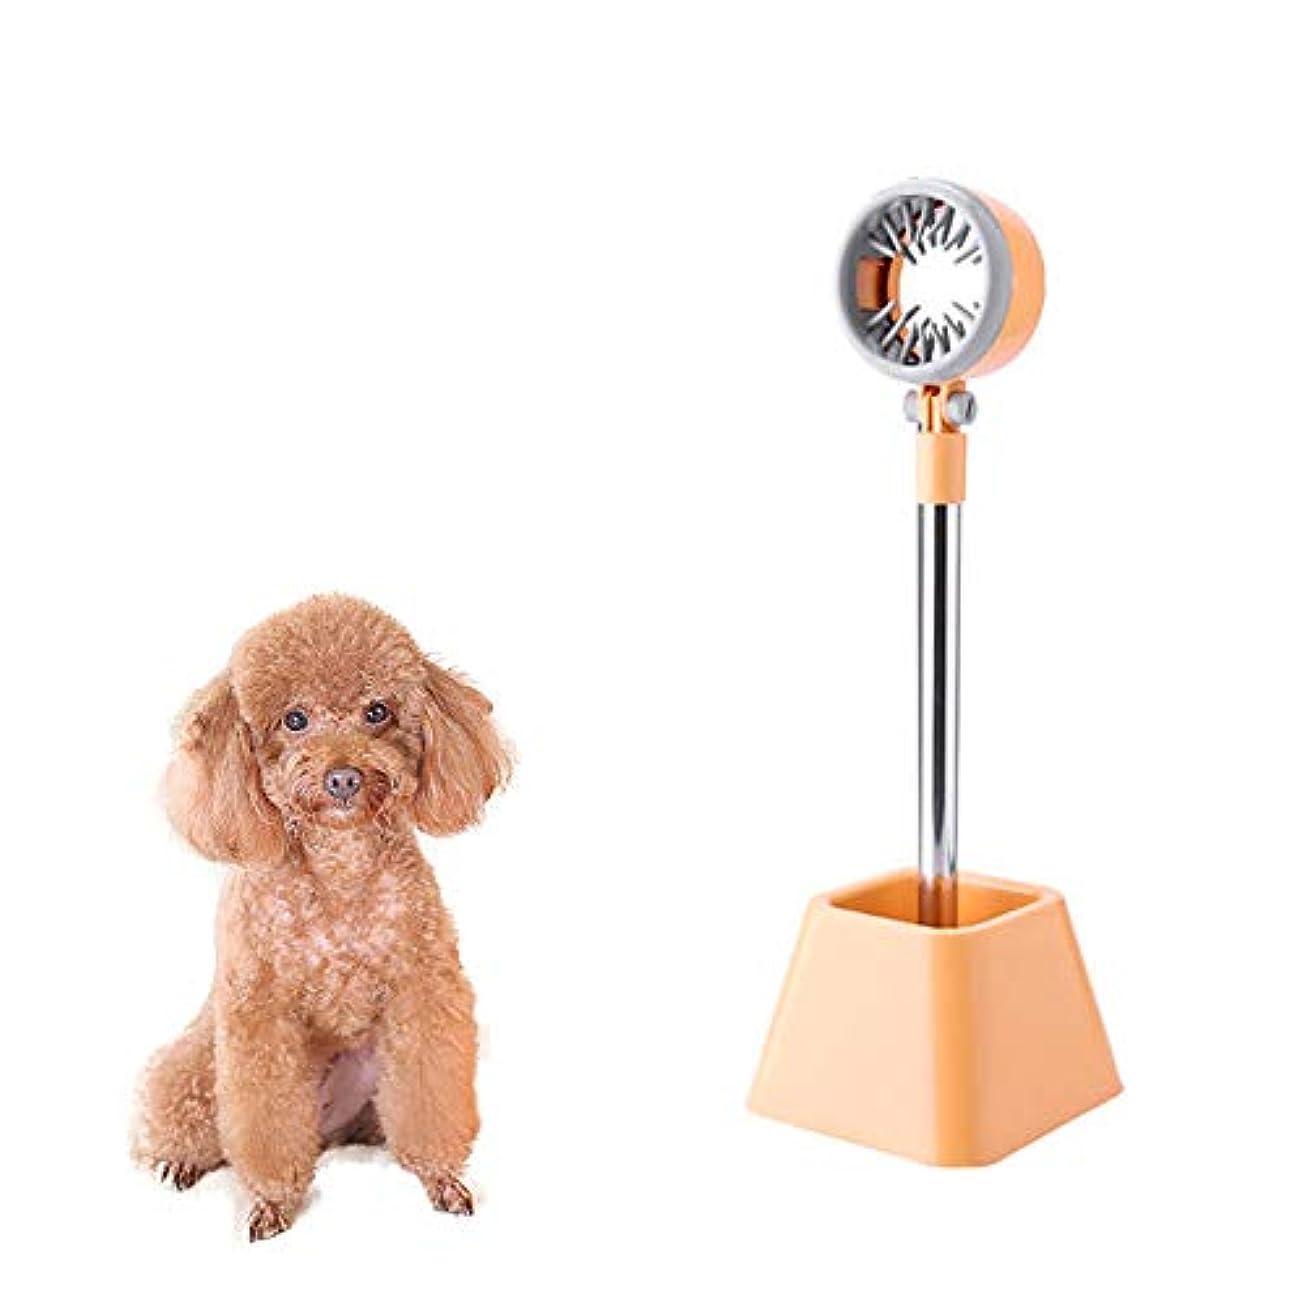 ギャラリーもろい証拠【Tona】猫お風呂 犬お風呂 ヘアードライヤースタンド ヘアドライヤーホルダー 180度 回転 シャンプー トリミング 用品 ハンズフリー ペット用